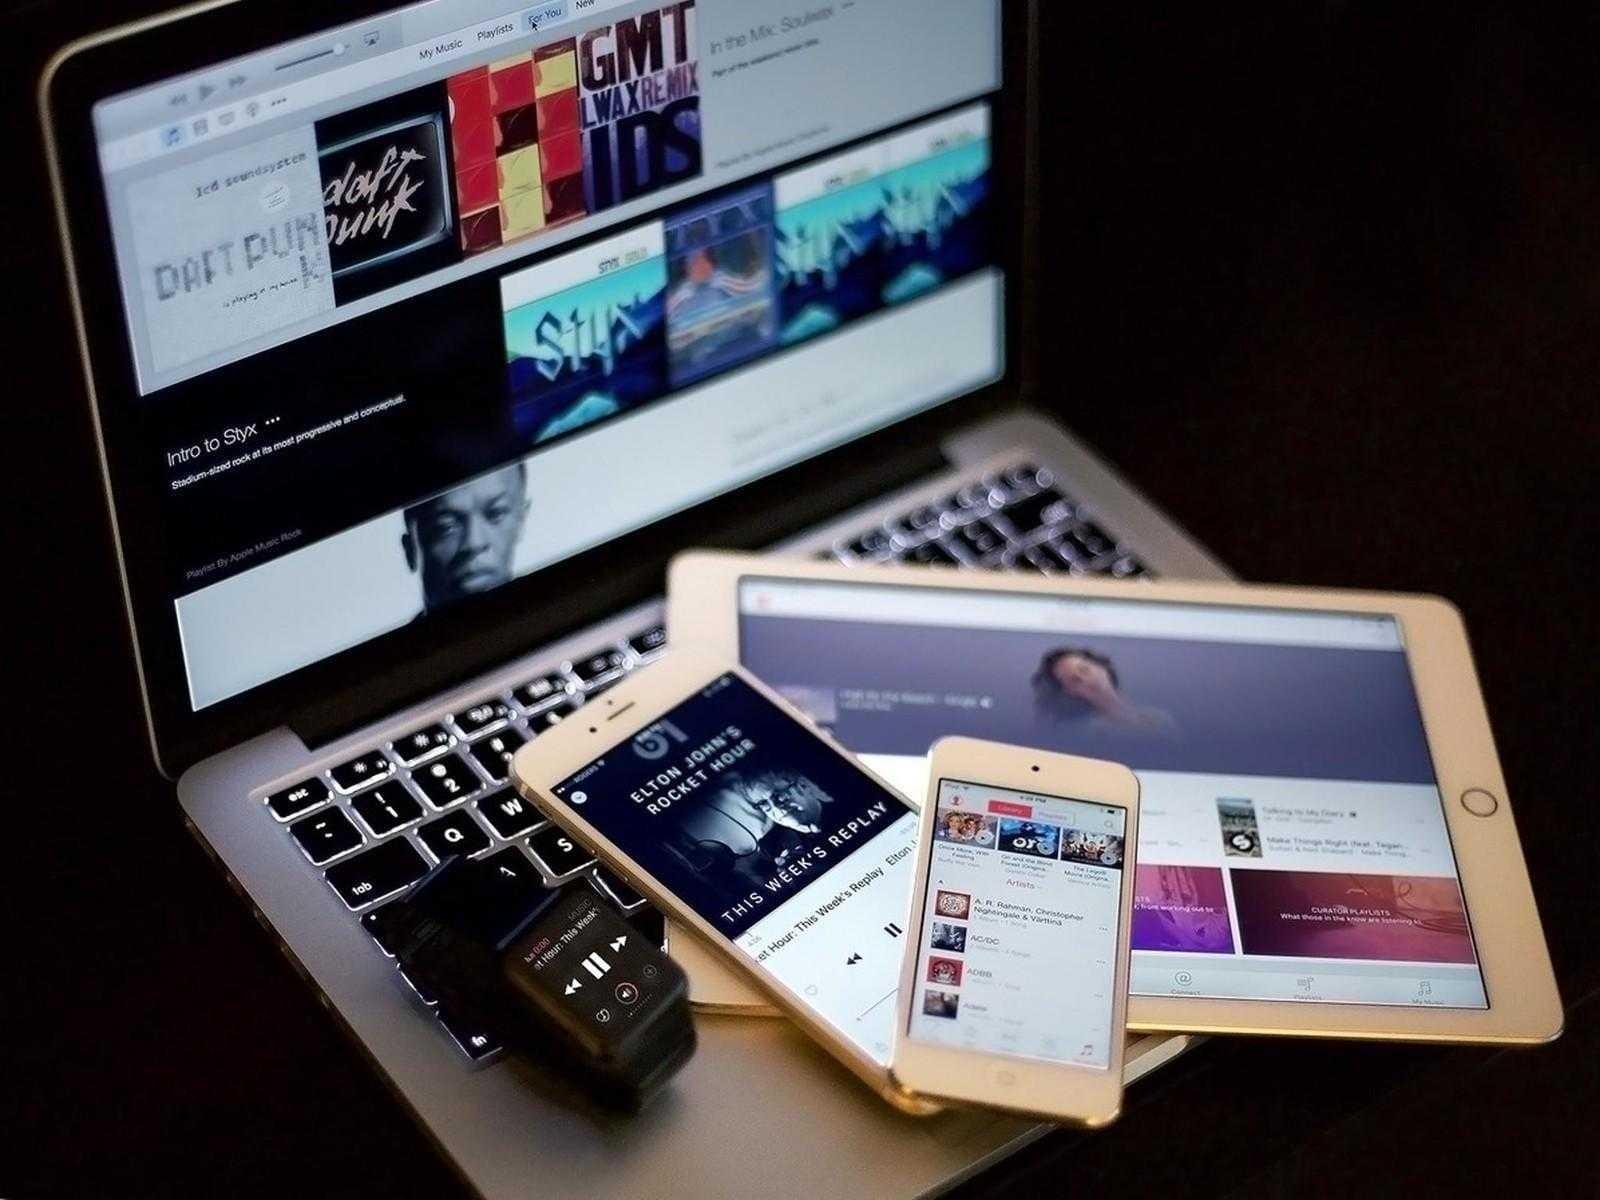 ???°???????????? ???? ?·?°?????????? Apple ???µ???µ?????°???µ?? ???????±???°???? ???±???µ?? ?????????°?¶ iPhone, iPad ?? Mac